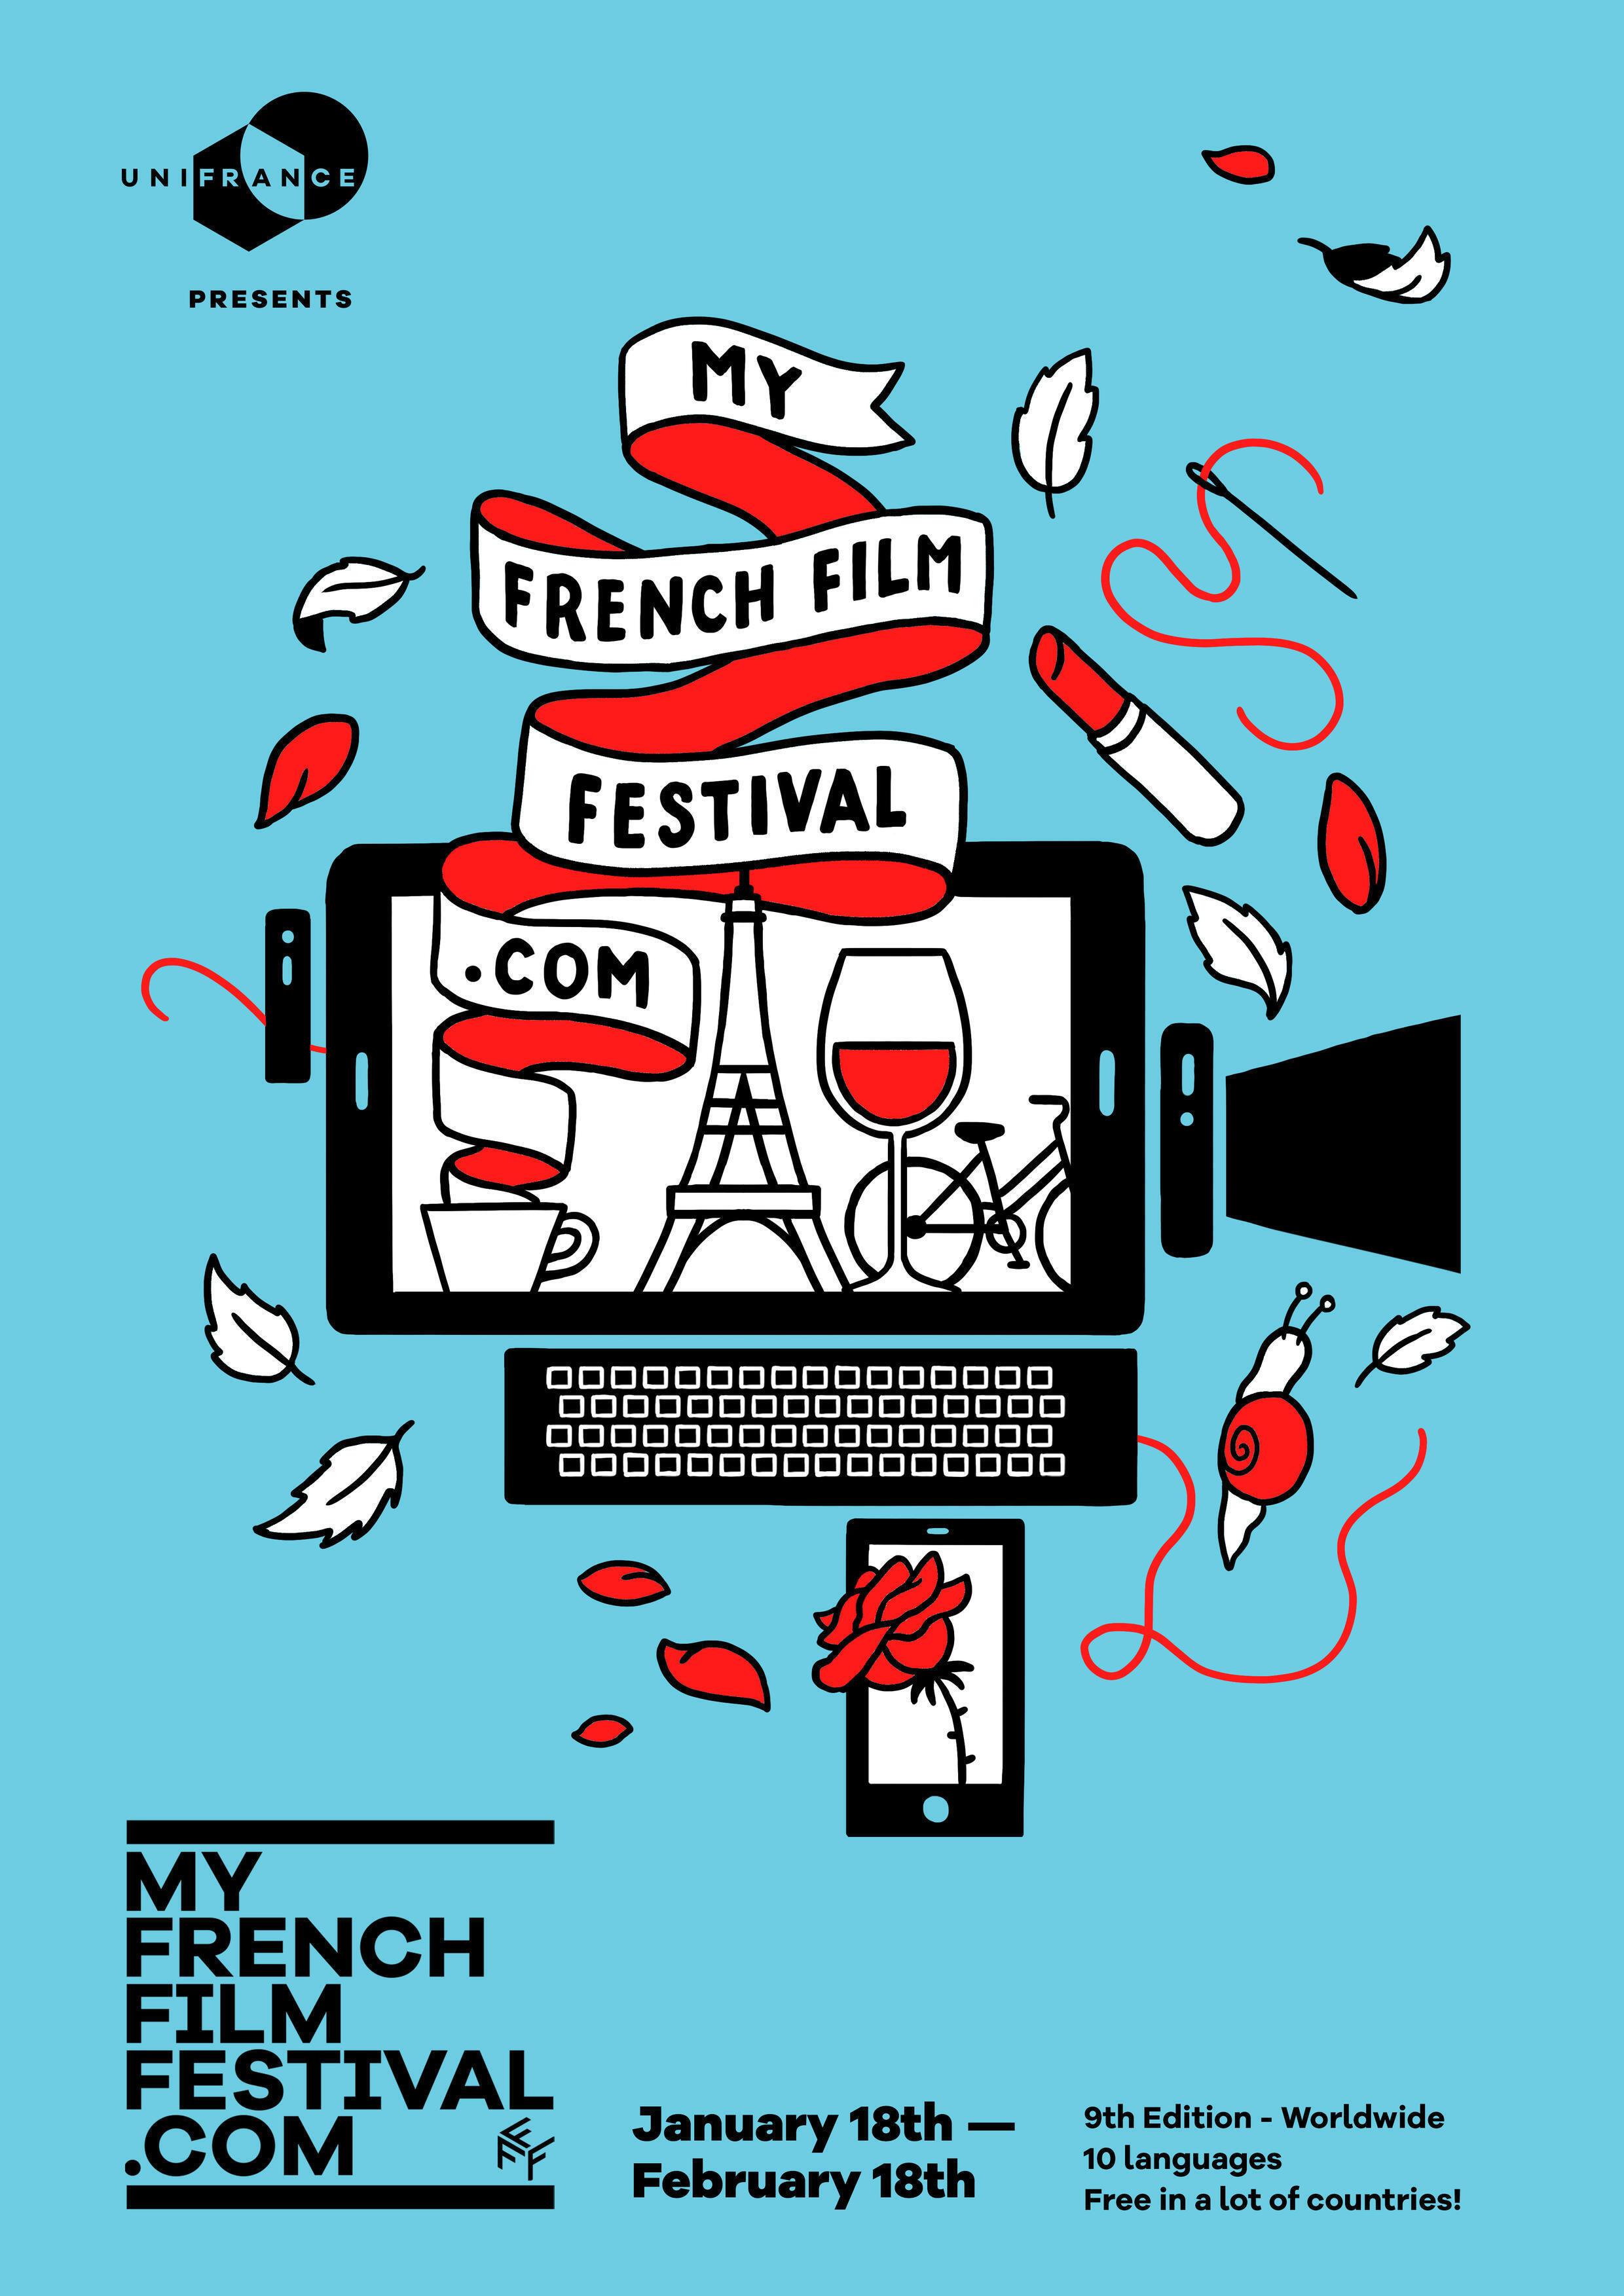 MyFrenchFilmFestival disponibiliza novidades do cinema francês gratuitamente em boa parte do mundo